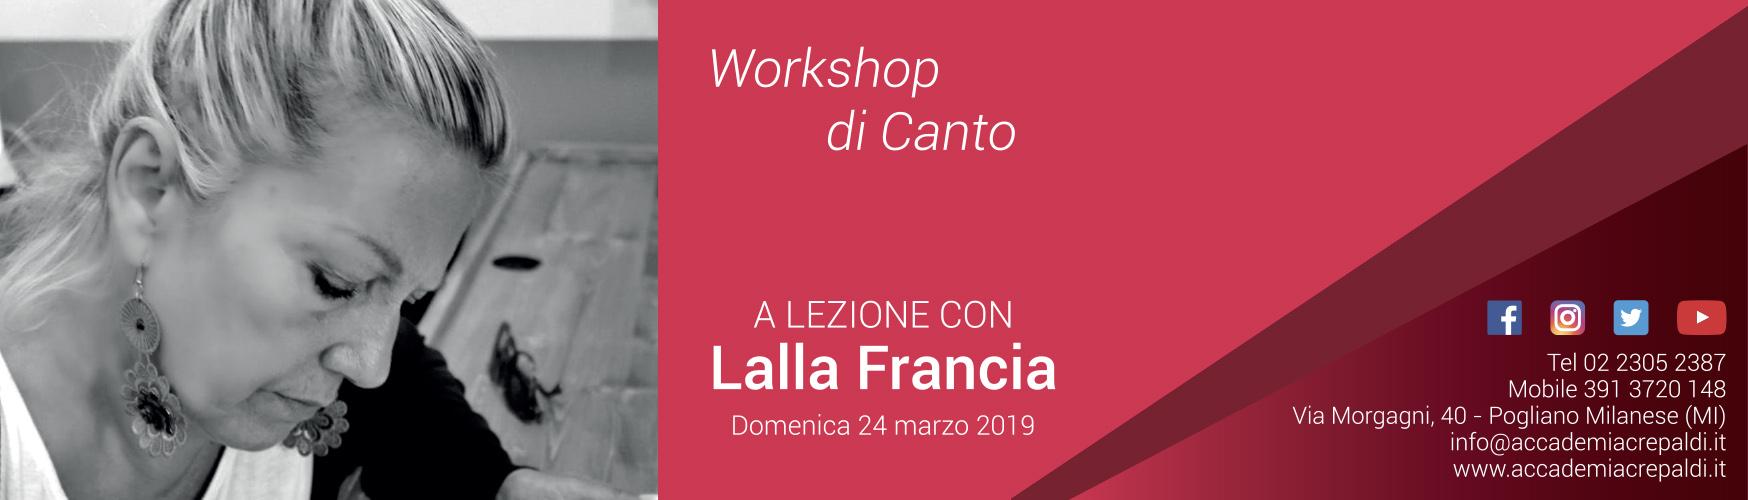 Accademia Musicale Crepaldi presenta il Workshop di canto con Lalla Francia